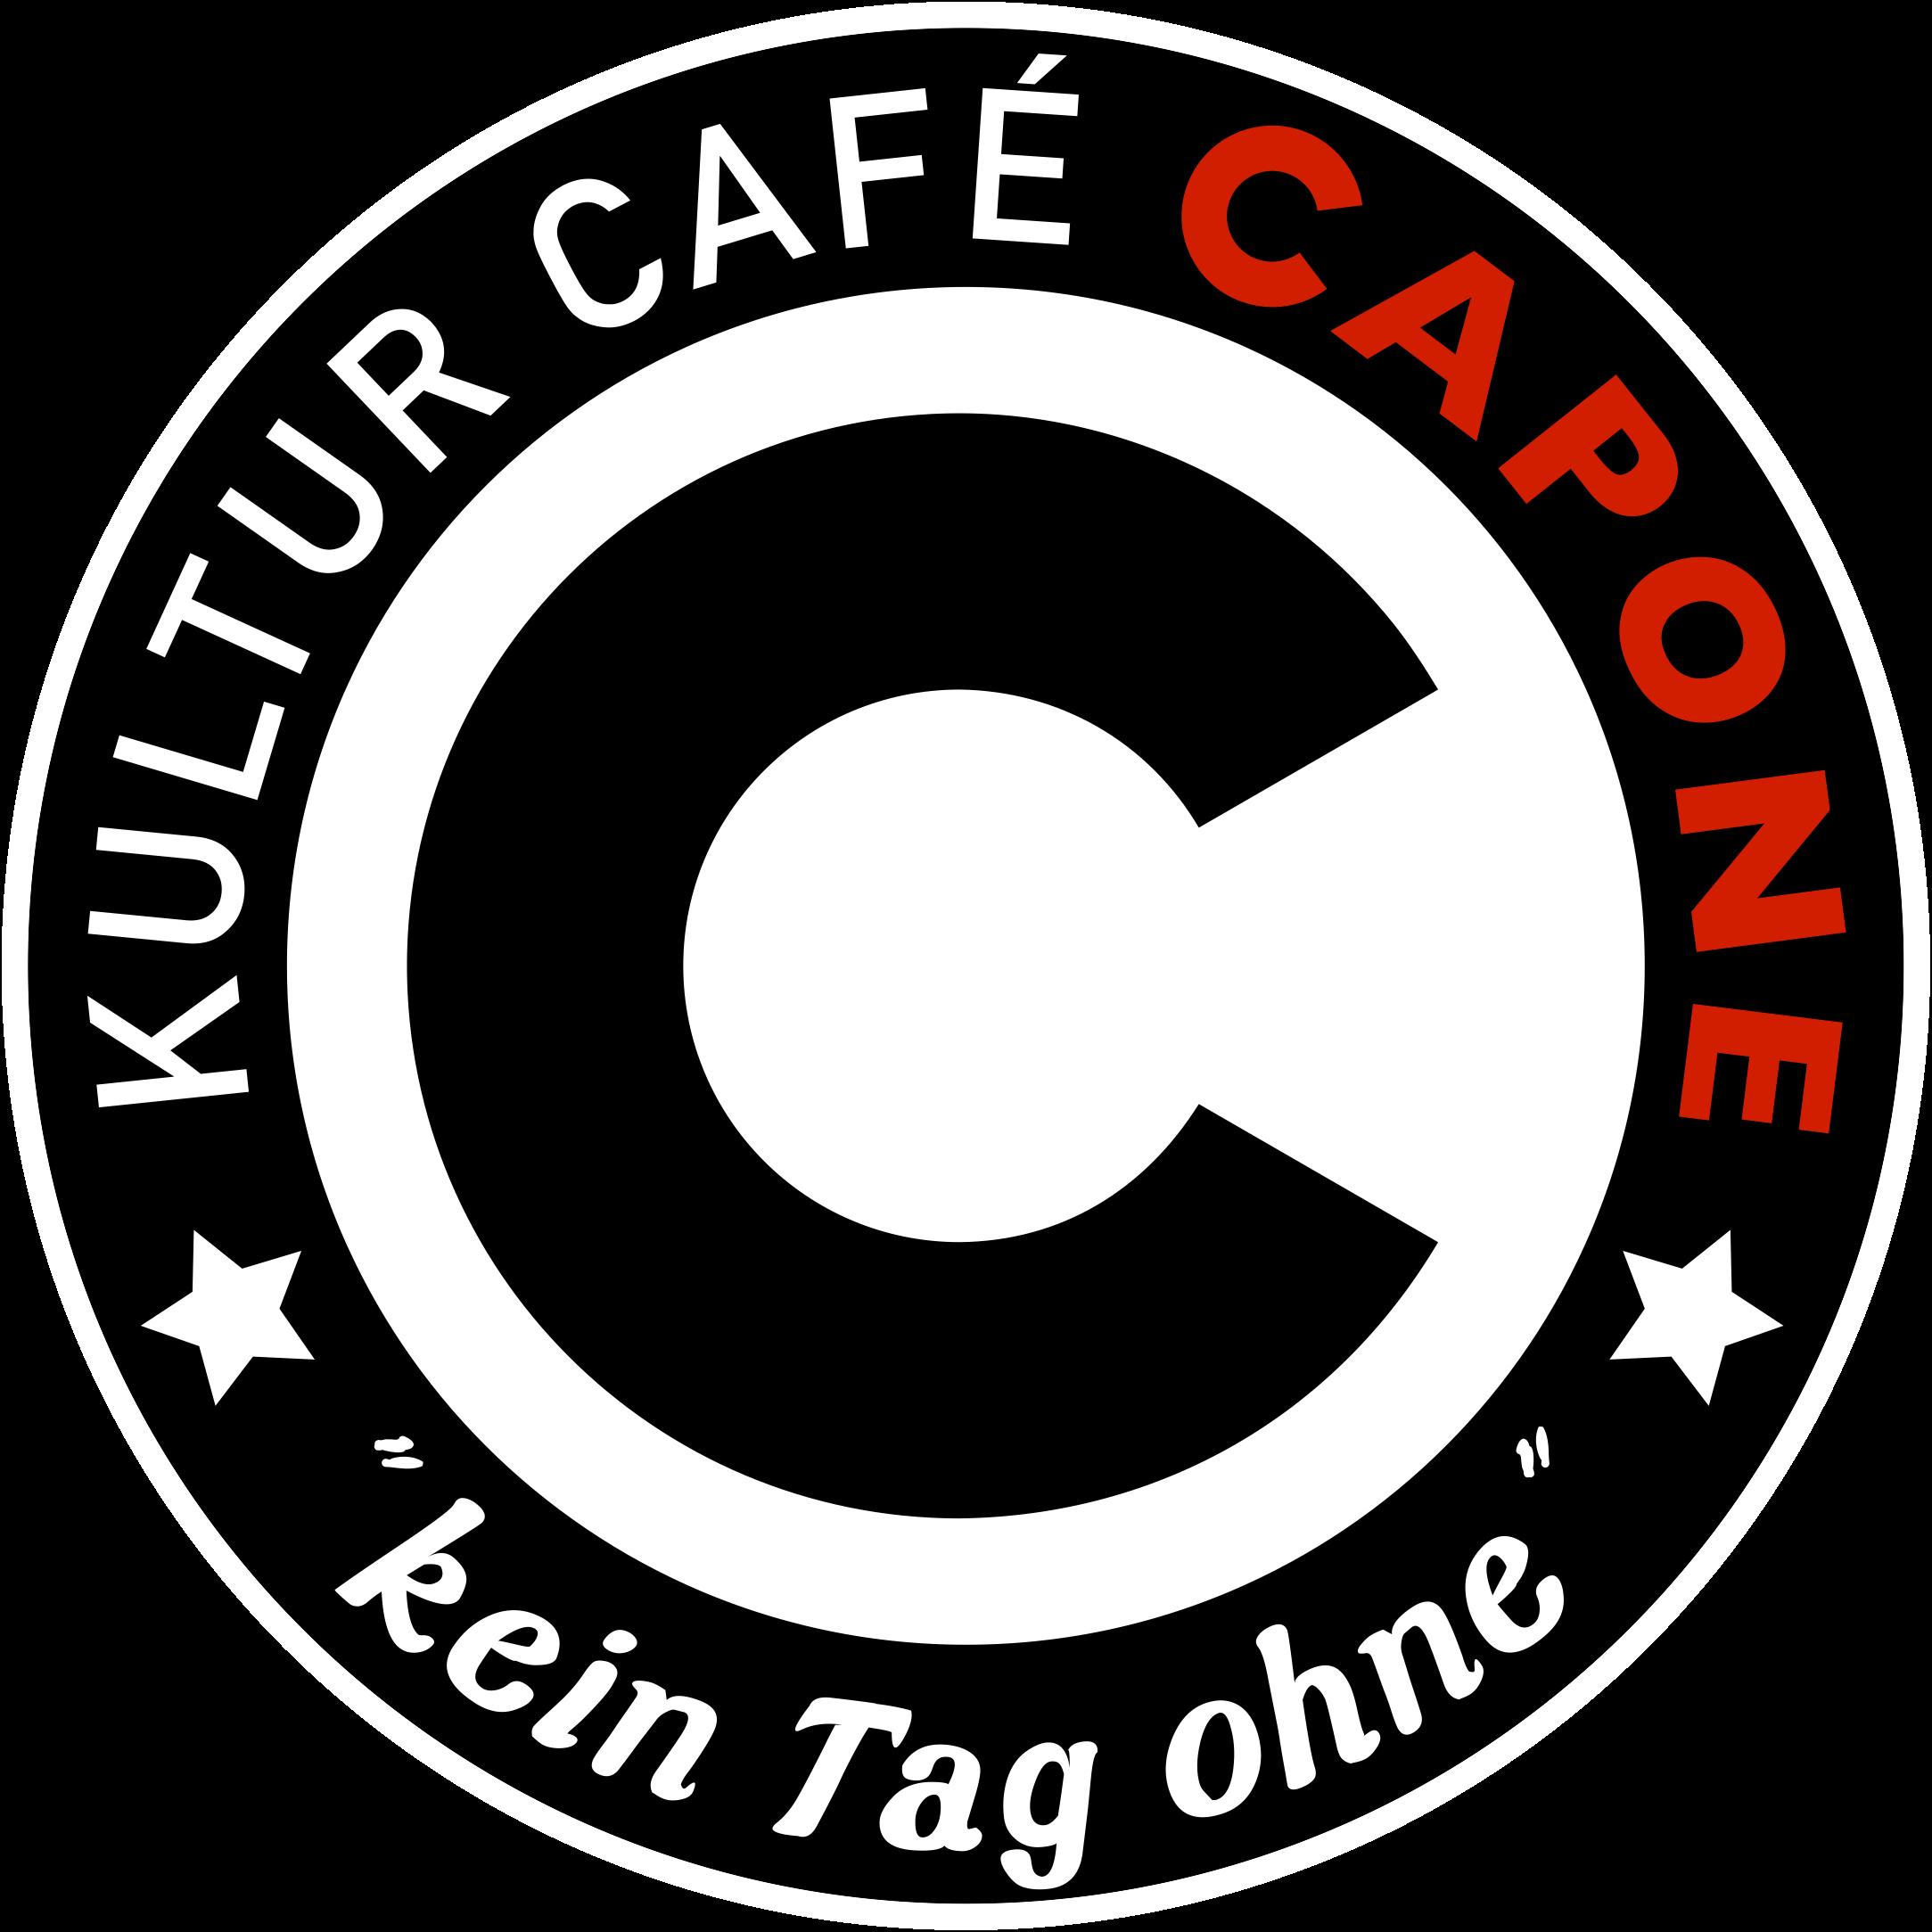 Kultur Café Capone